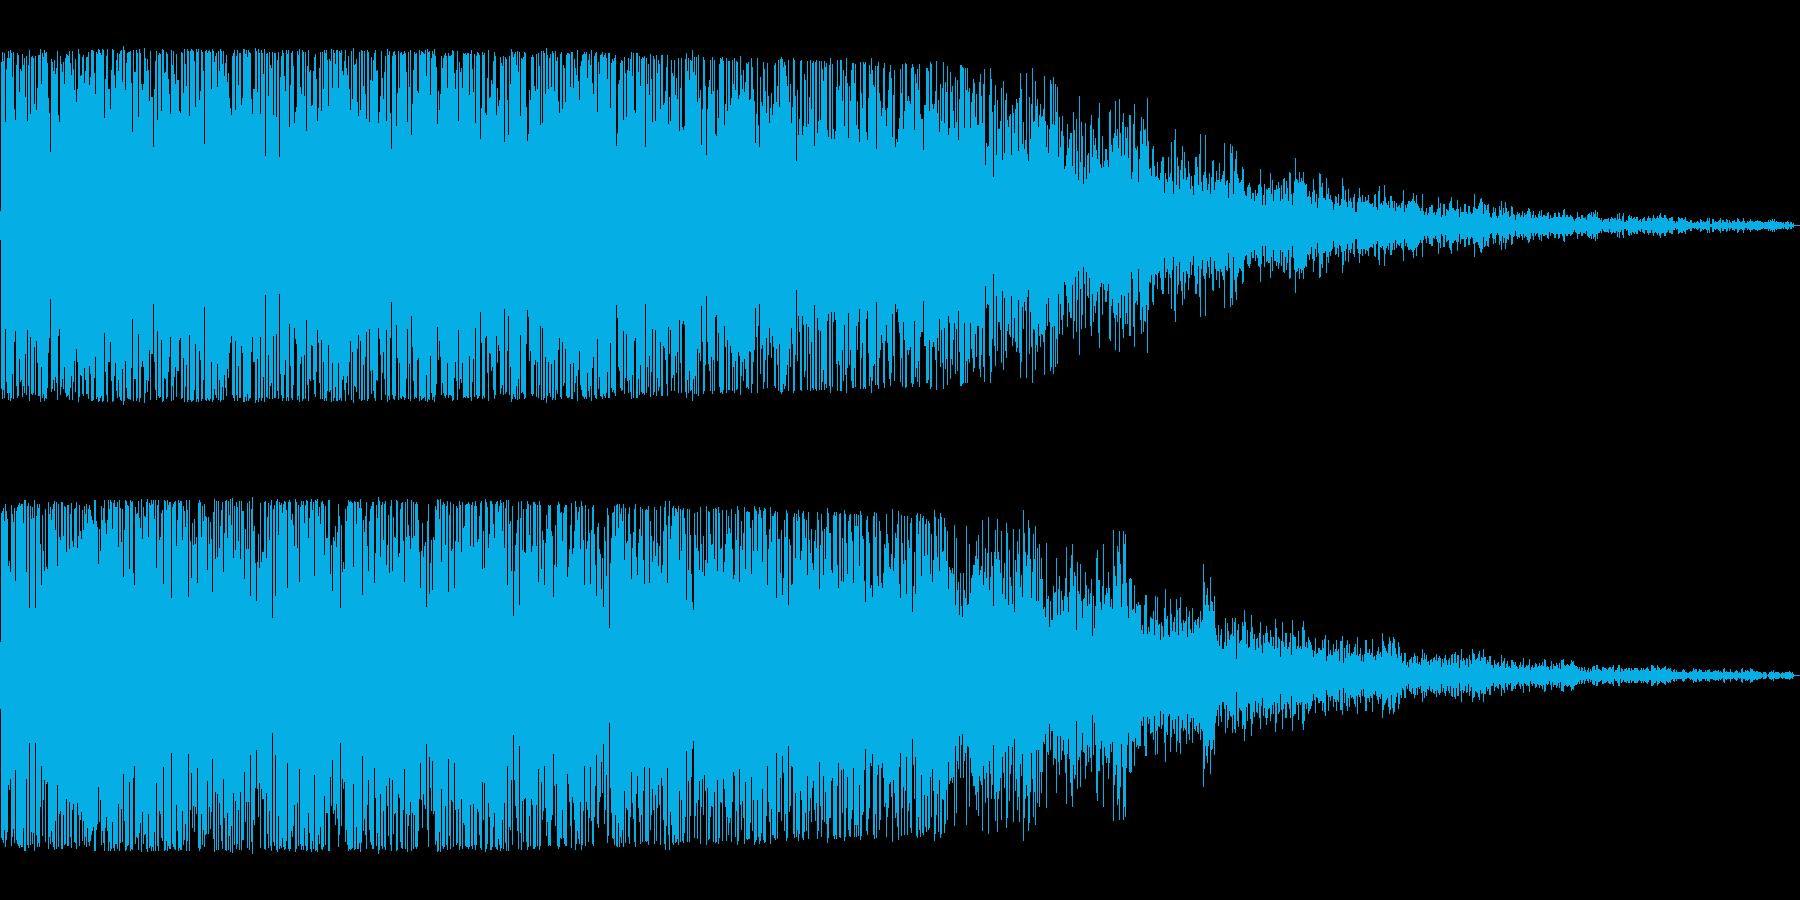 地の底から湧いてくるような低くうねった音の再生済みの波形